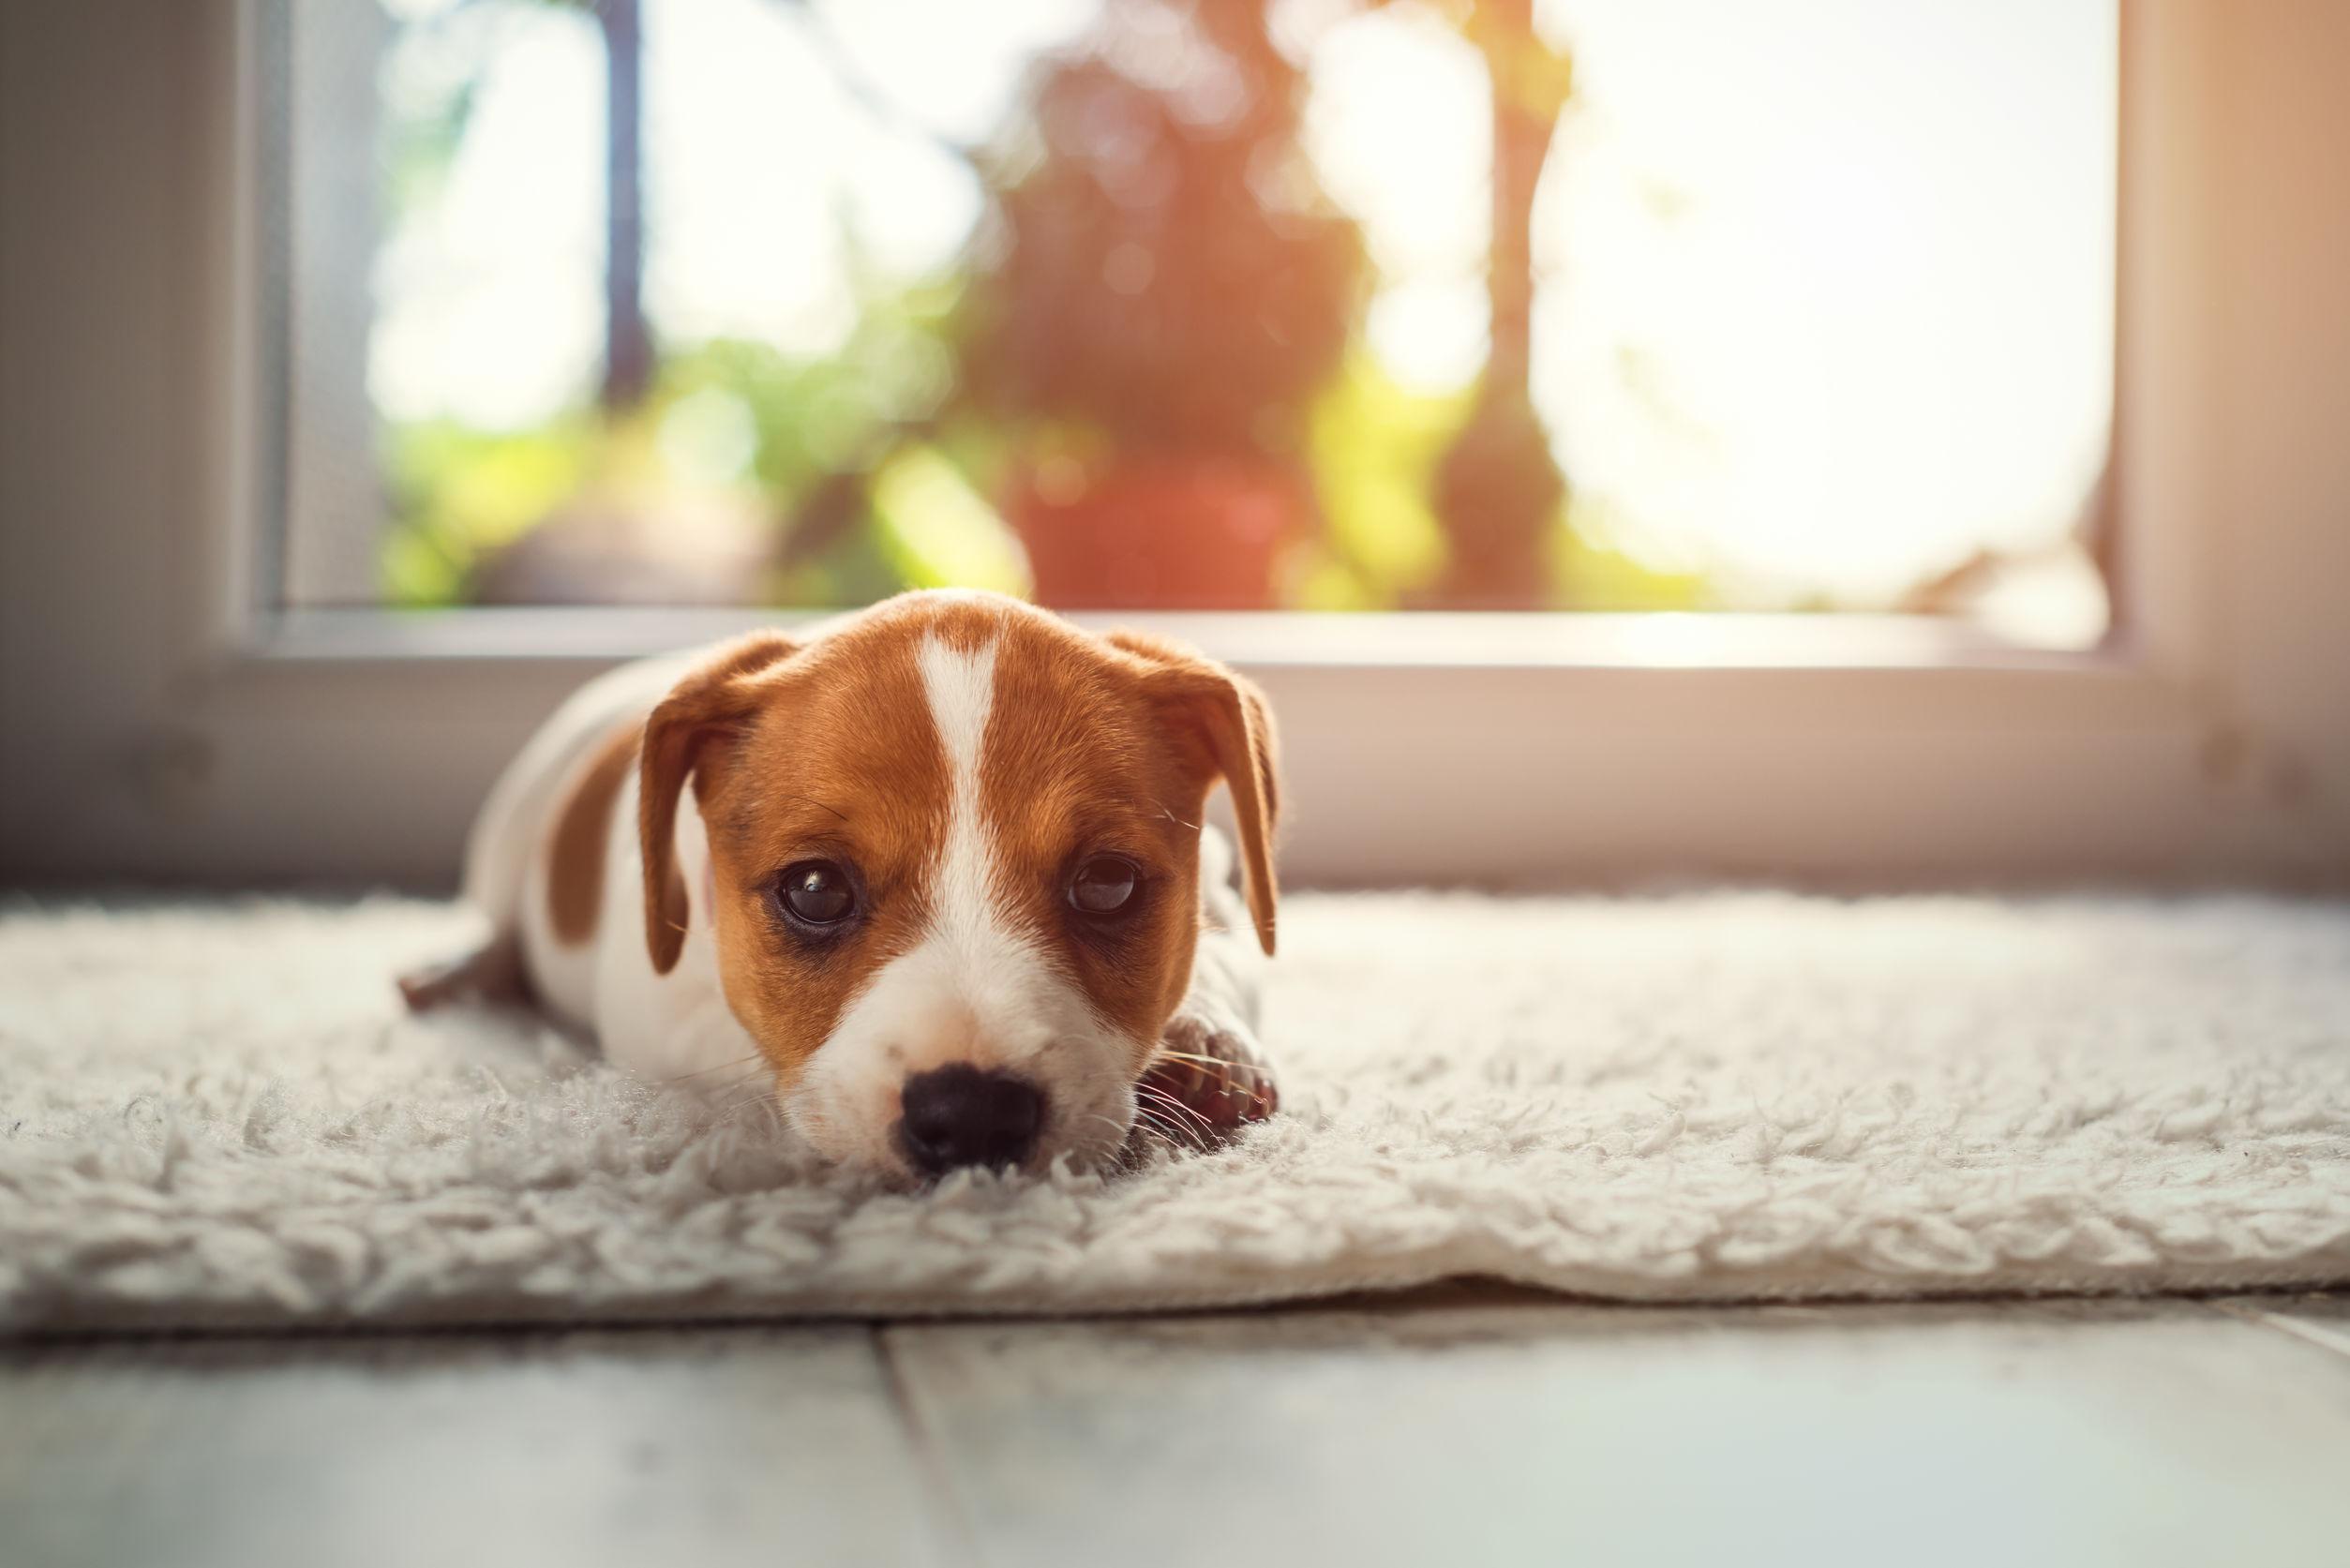 Cachorro acostado en sala de estar